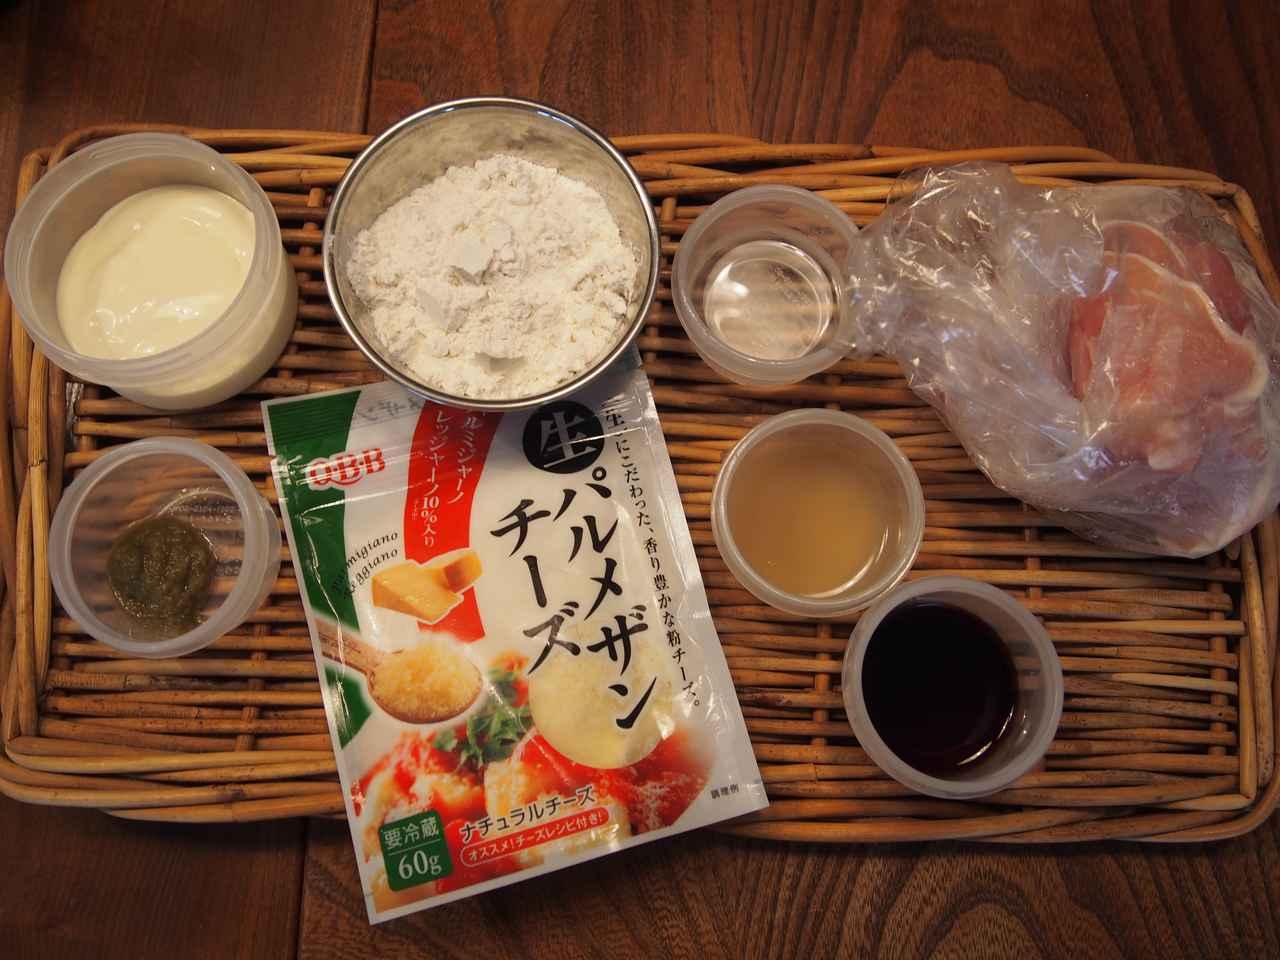 画像1: 鶏のから揚げ チーズと柚子胡椒マヨネーズ絡め